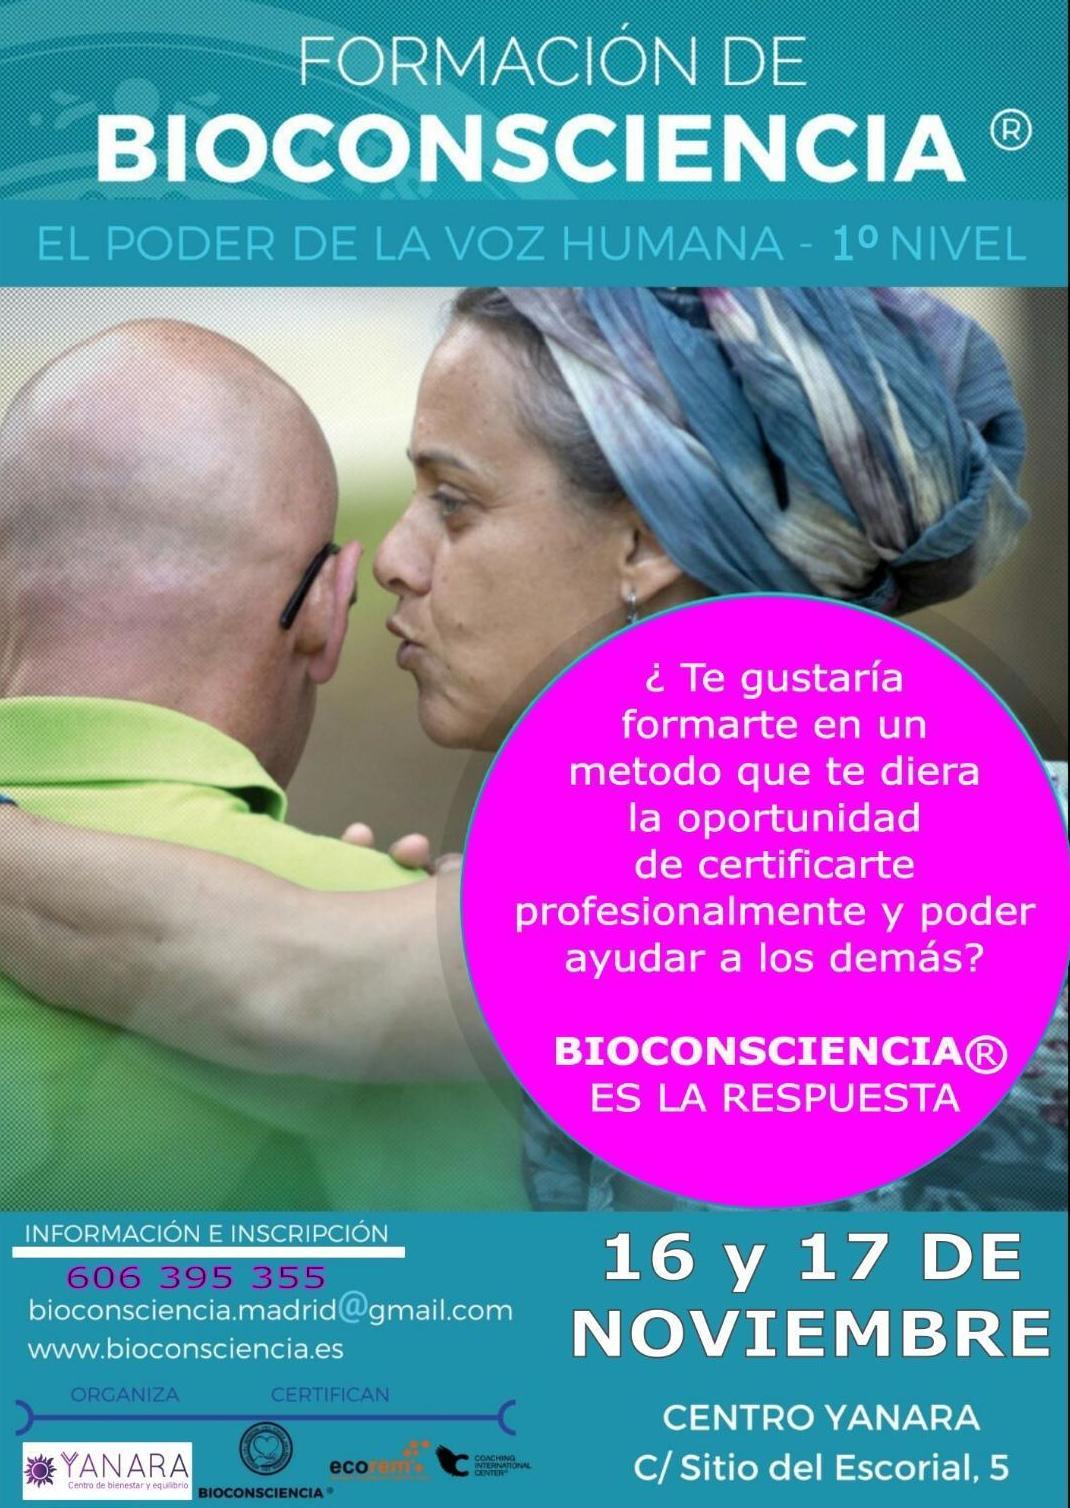 formación de bioconsciencia en Carabanchel, Madrid y Pozuelo de Alarcón